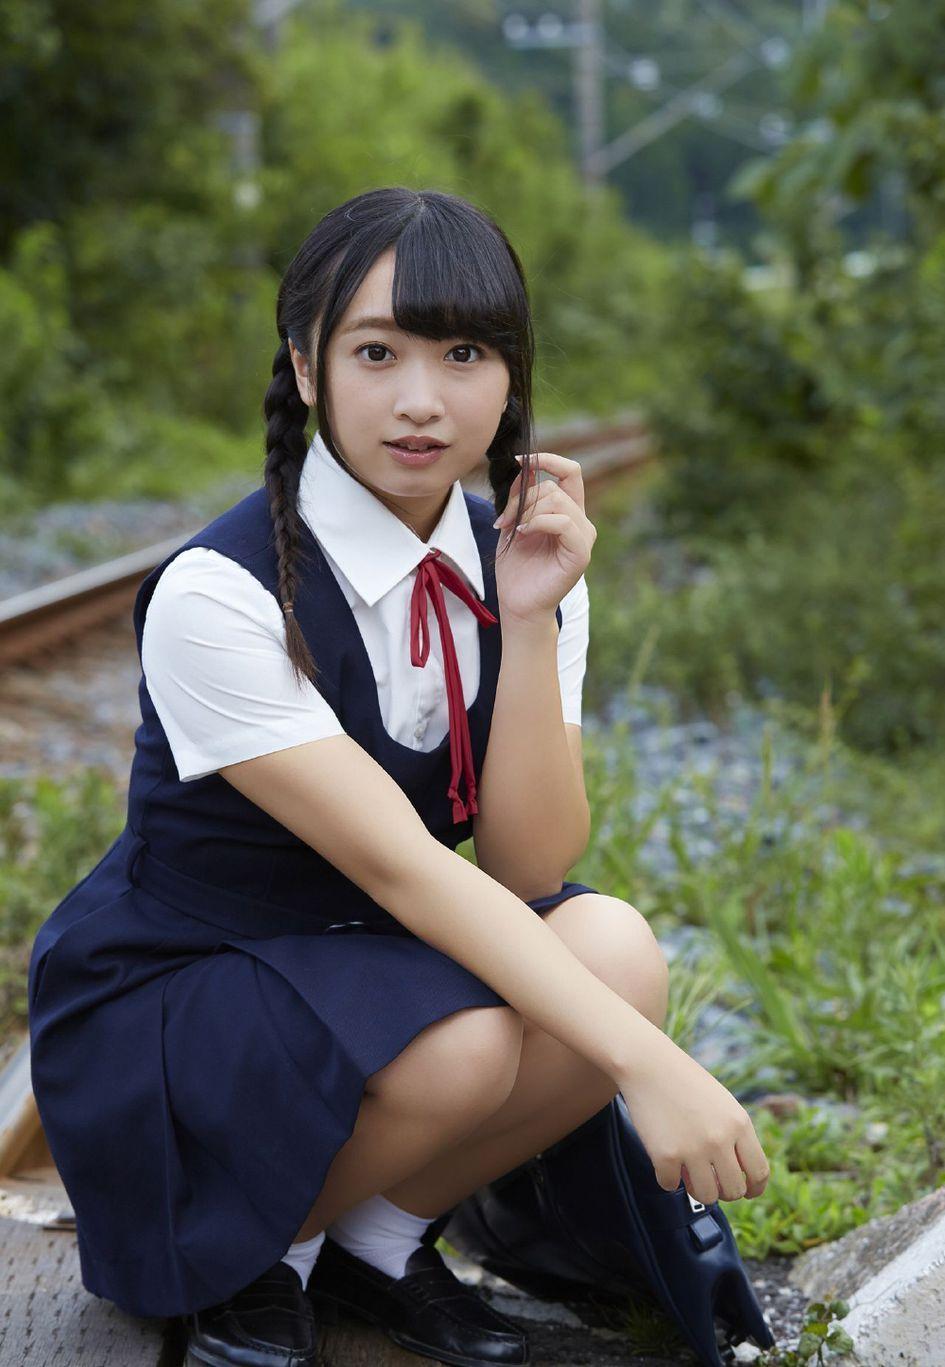 일본 여고생 사진